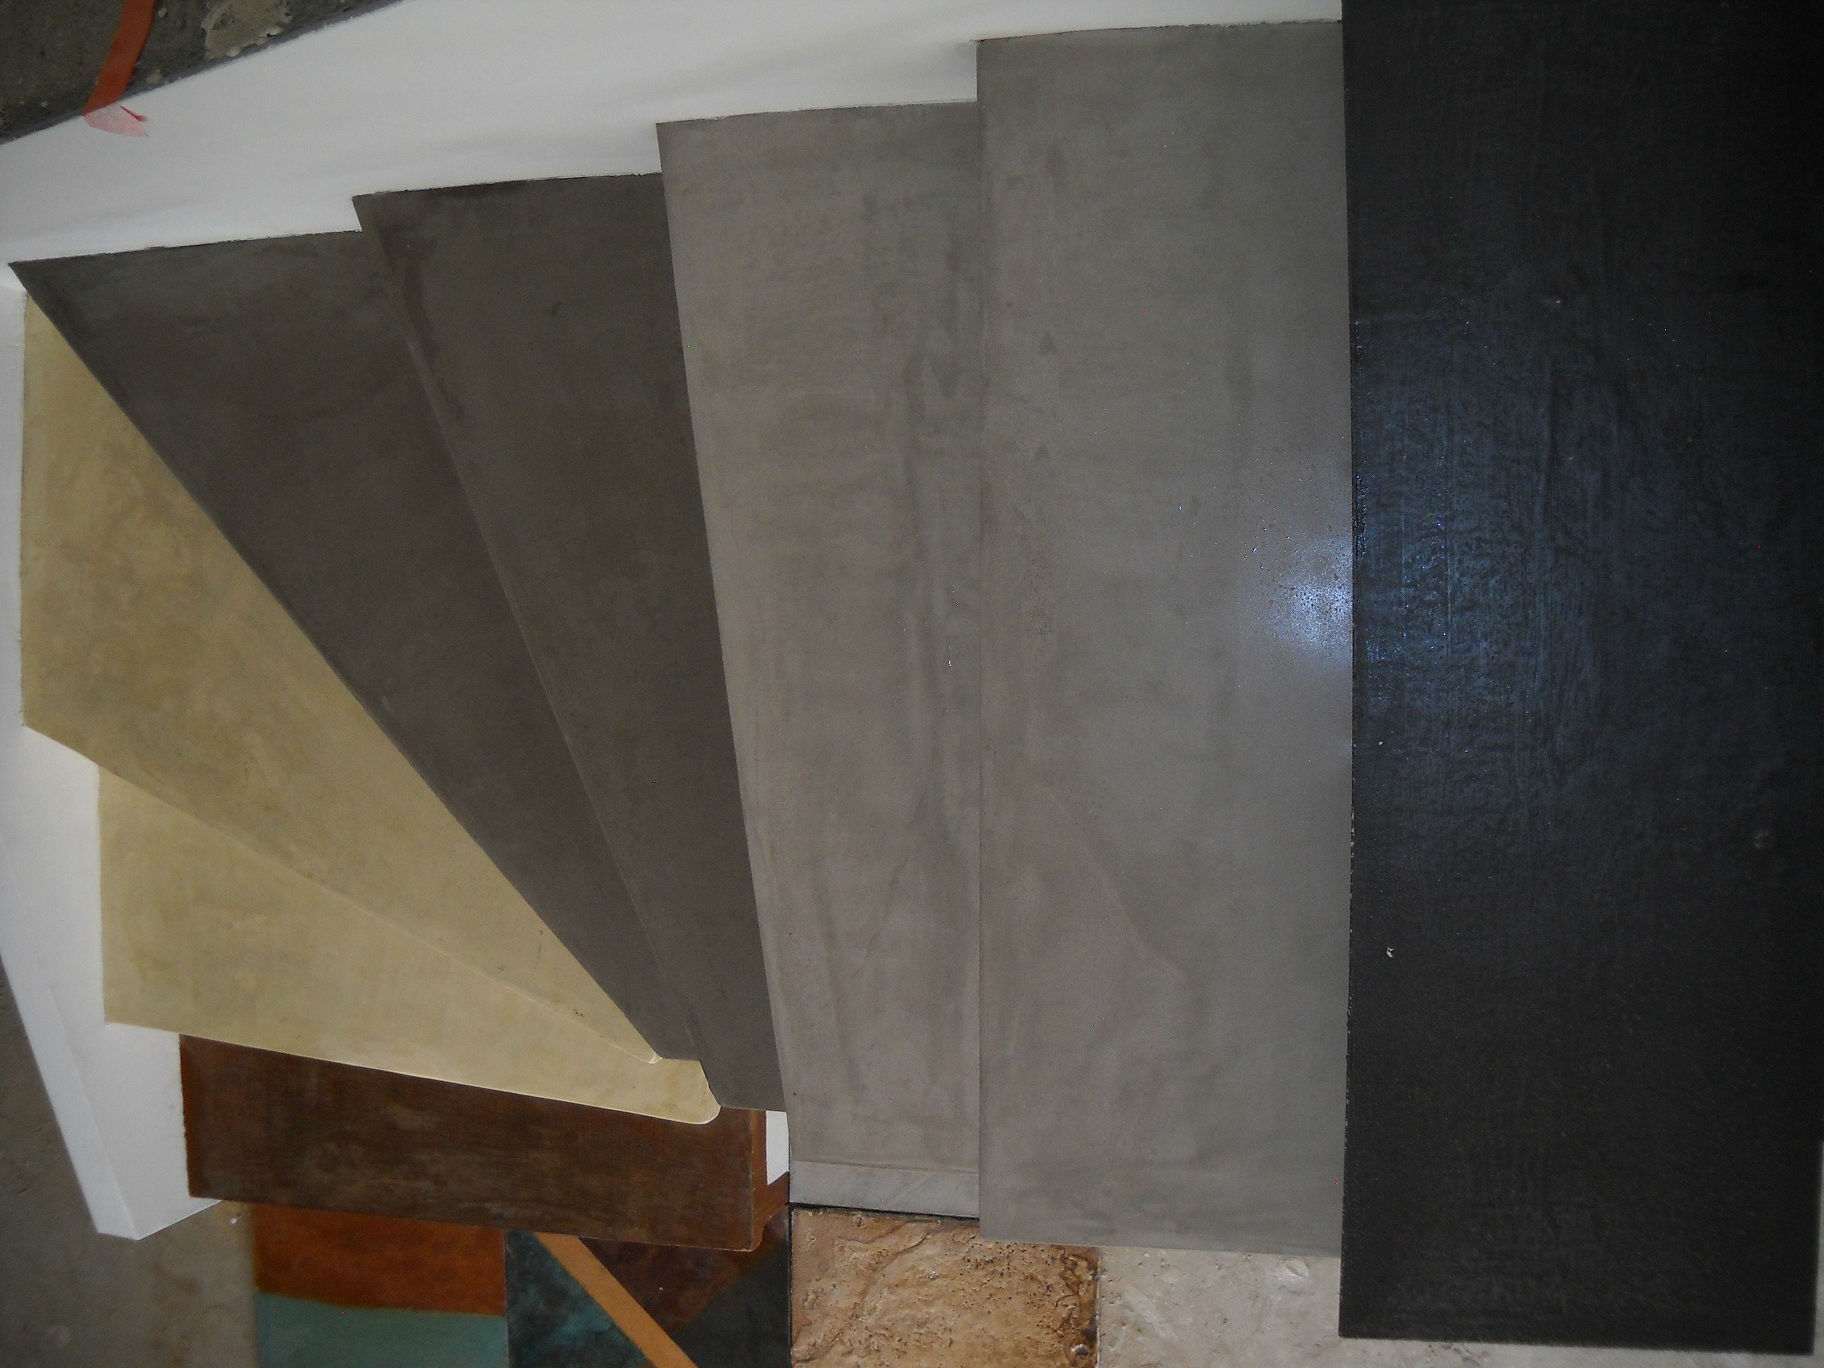 Escalier b ton cir escalier dejean beziers - Beton cire millimetrique ...